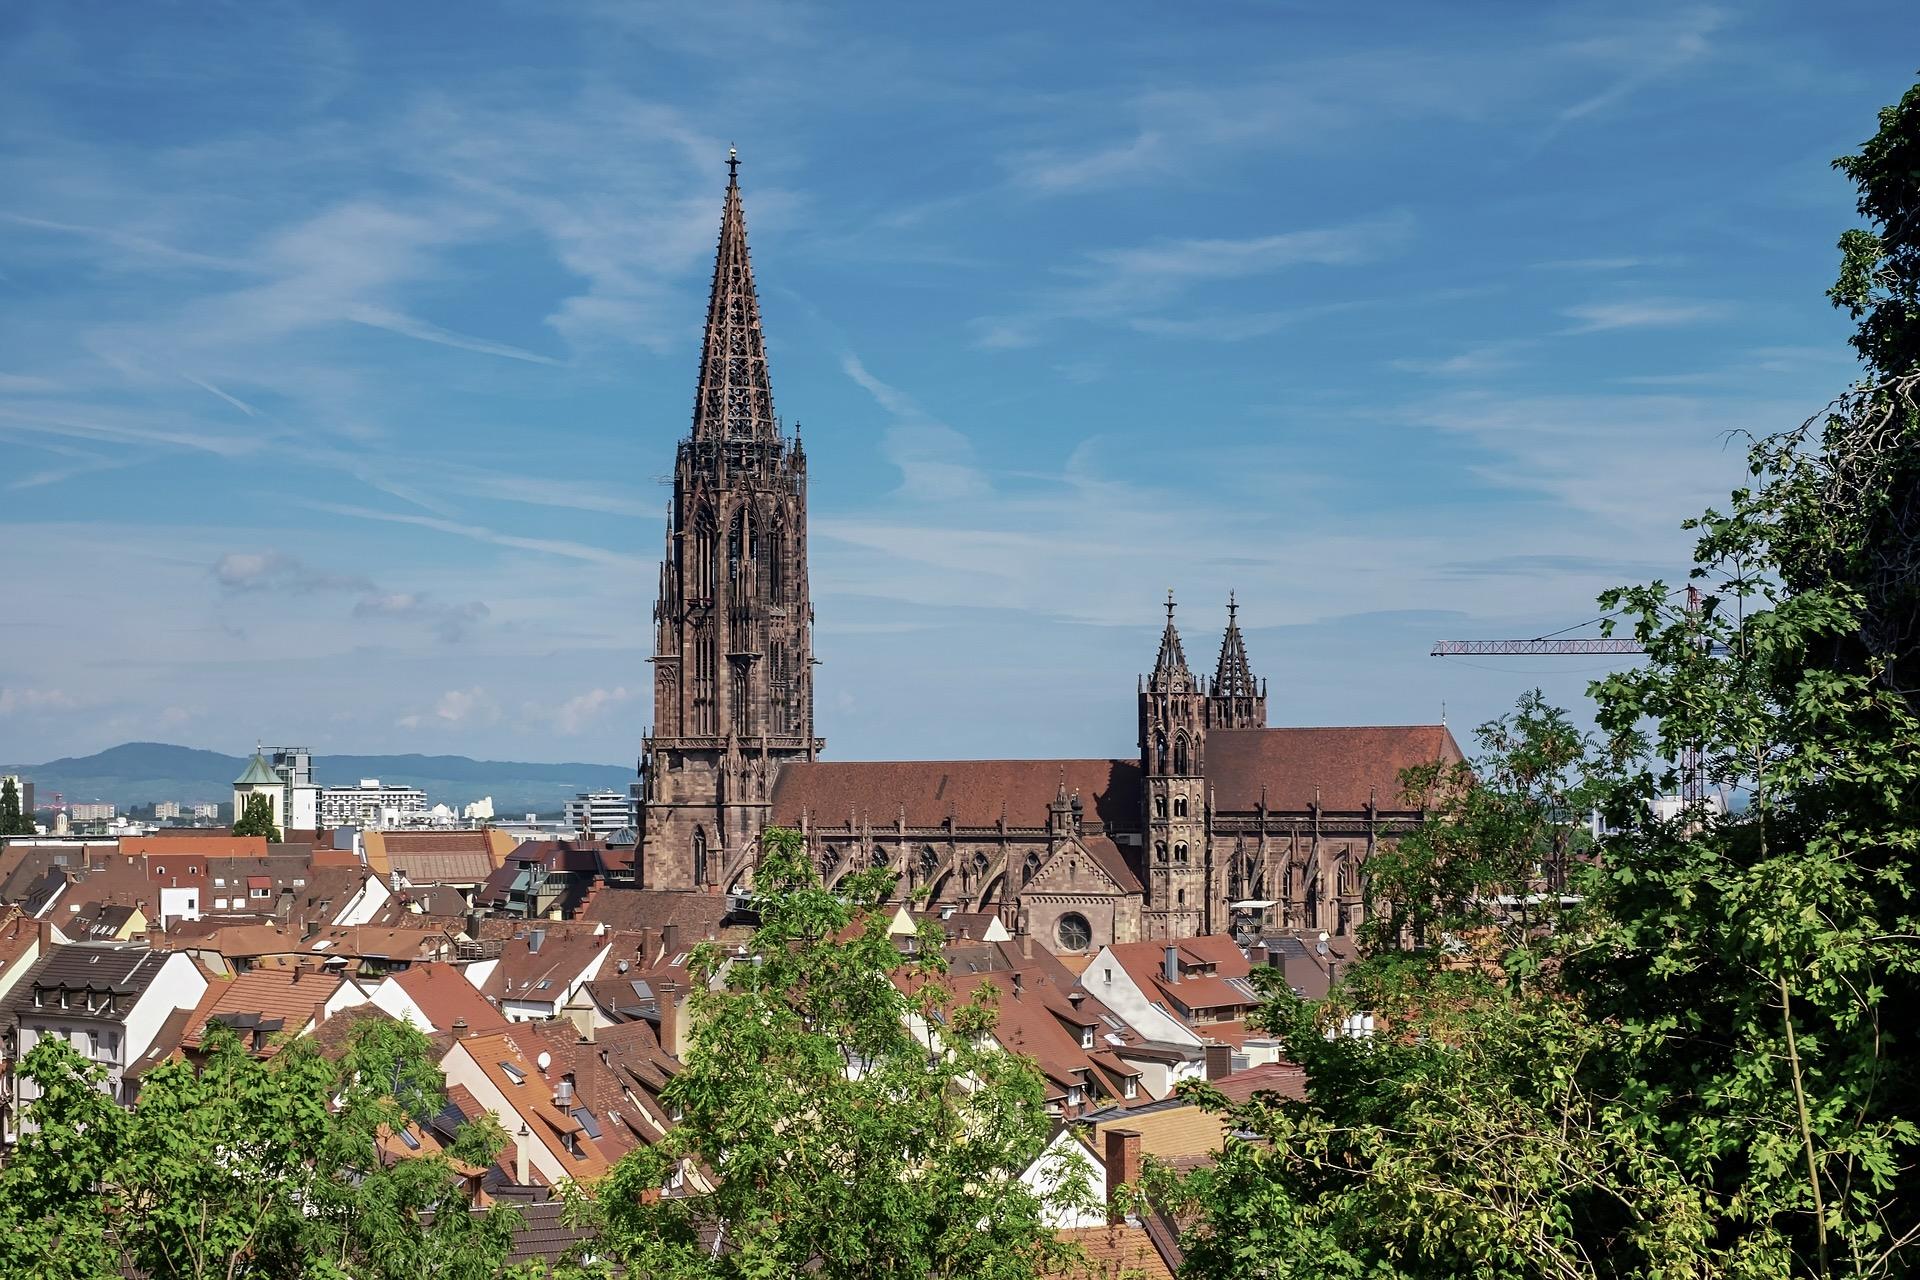 Freiburg ist eine der schönen Städte Süddeutschlands